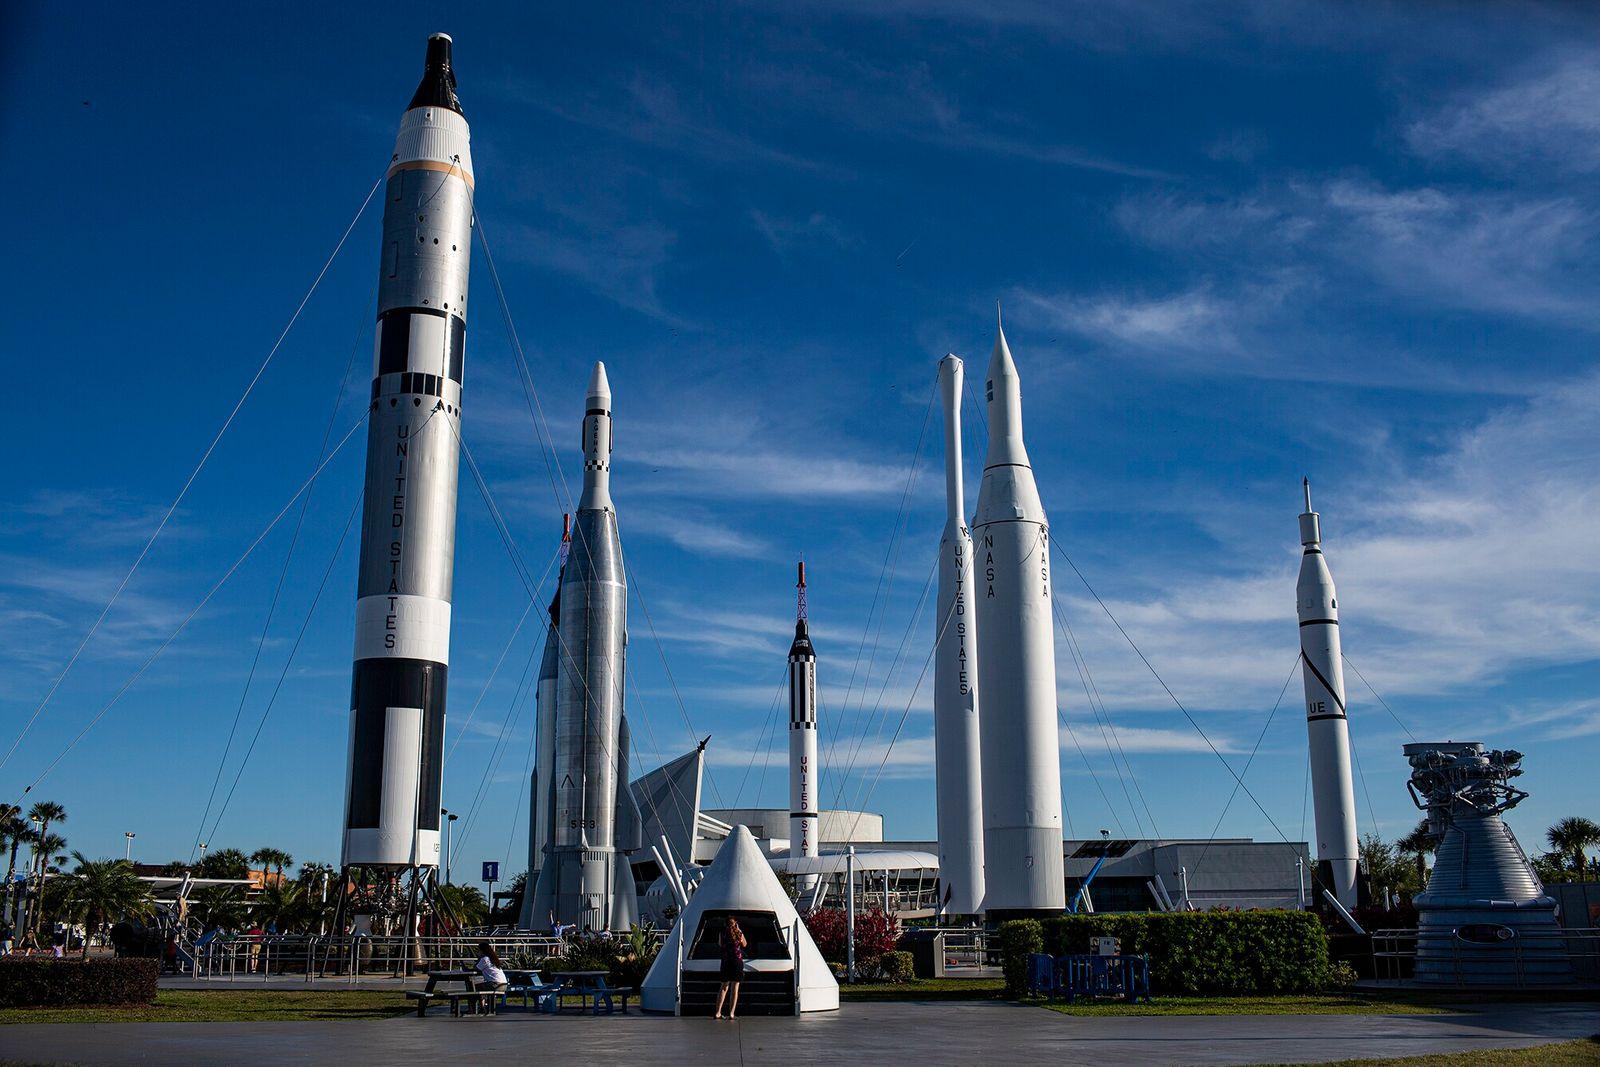 Costa espacial, Flórida   O Rocket Garden, no Complexo de Visitantes do Centro Espacial Kennedy, em ...